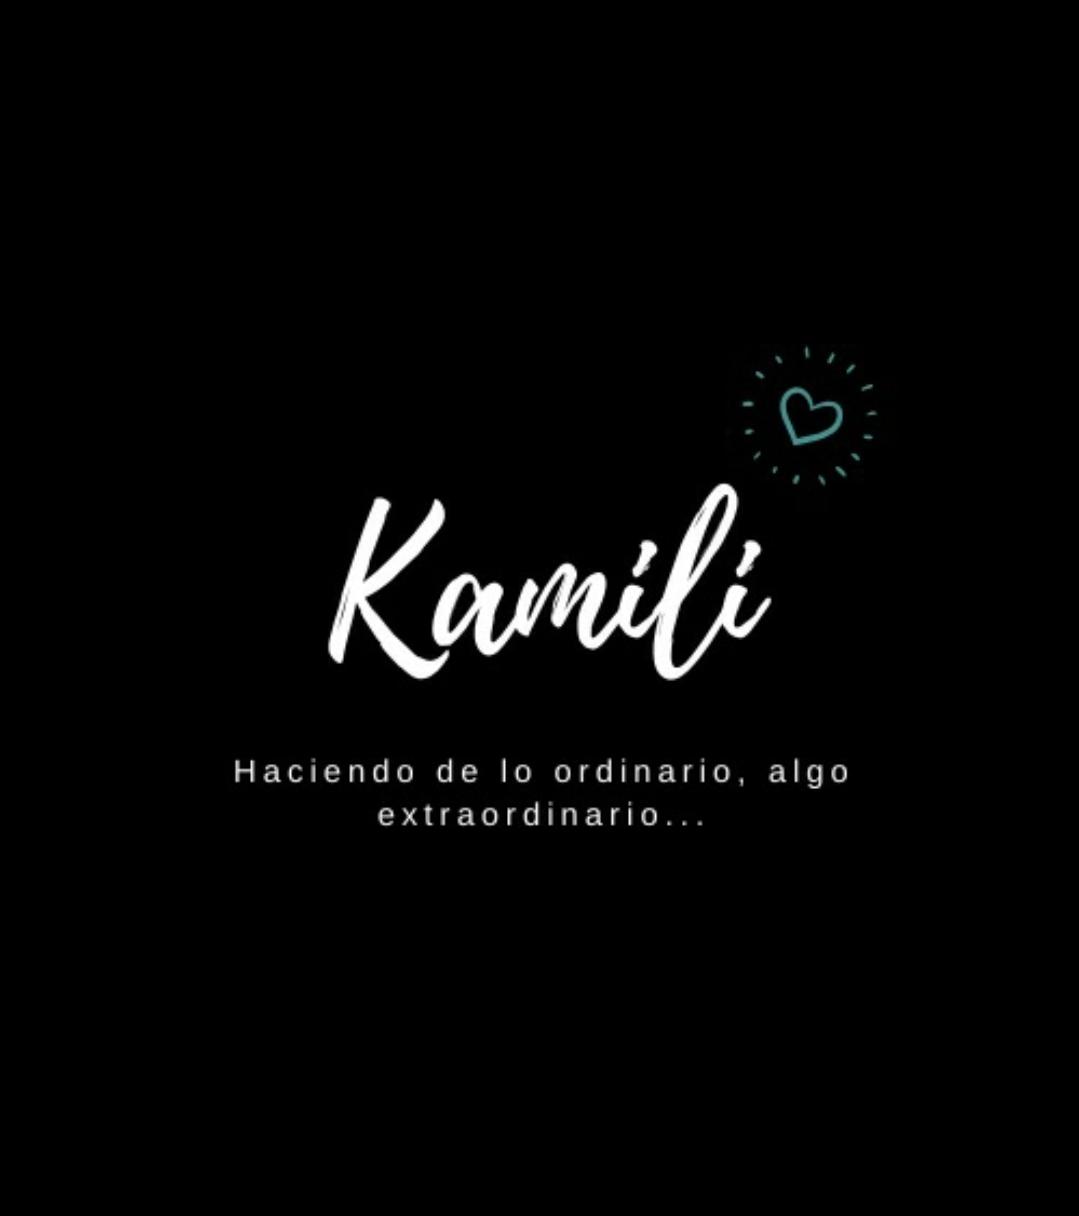 Regalos y Juguetes Kamili